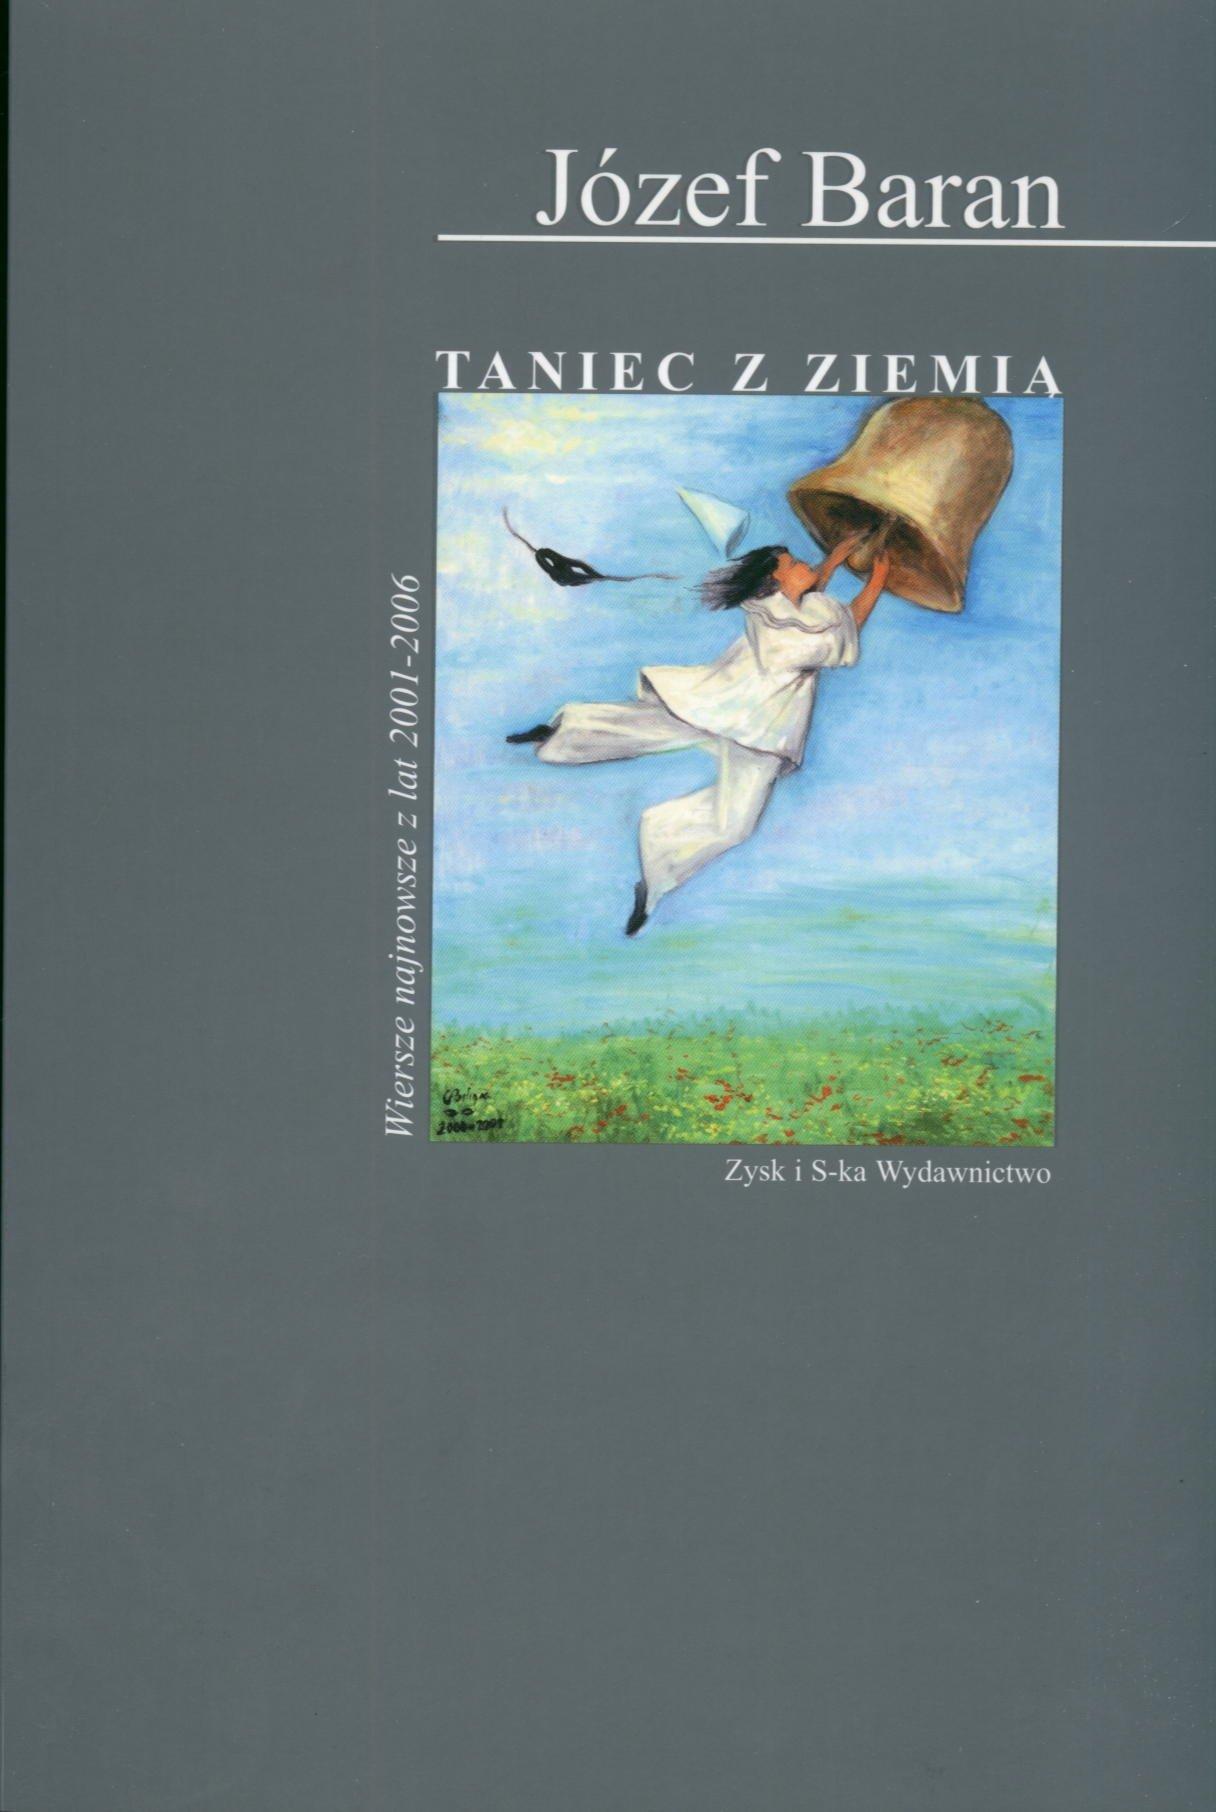 Taniec Z Ziemia Baran Jzef 9788372989987 Amazoncom Books